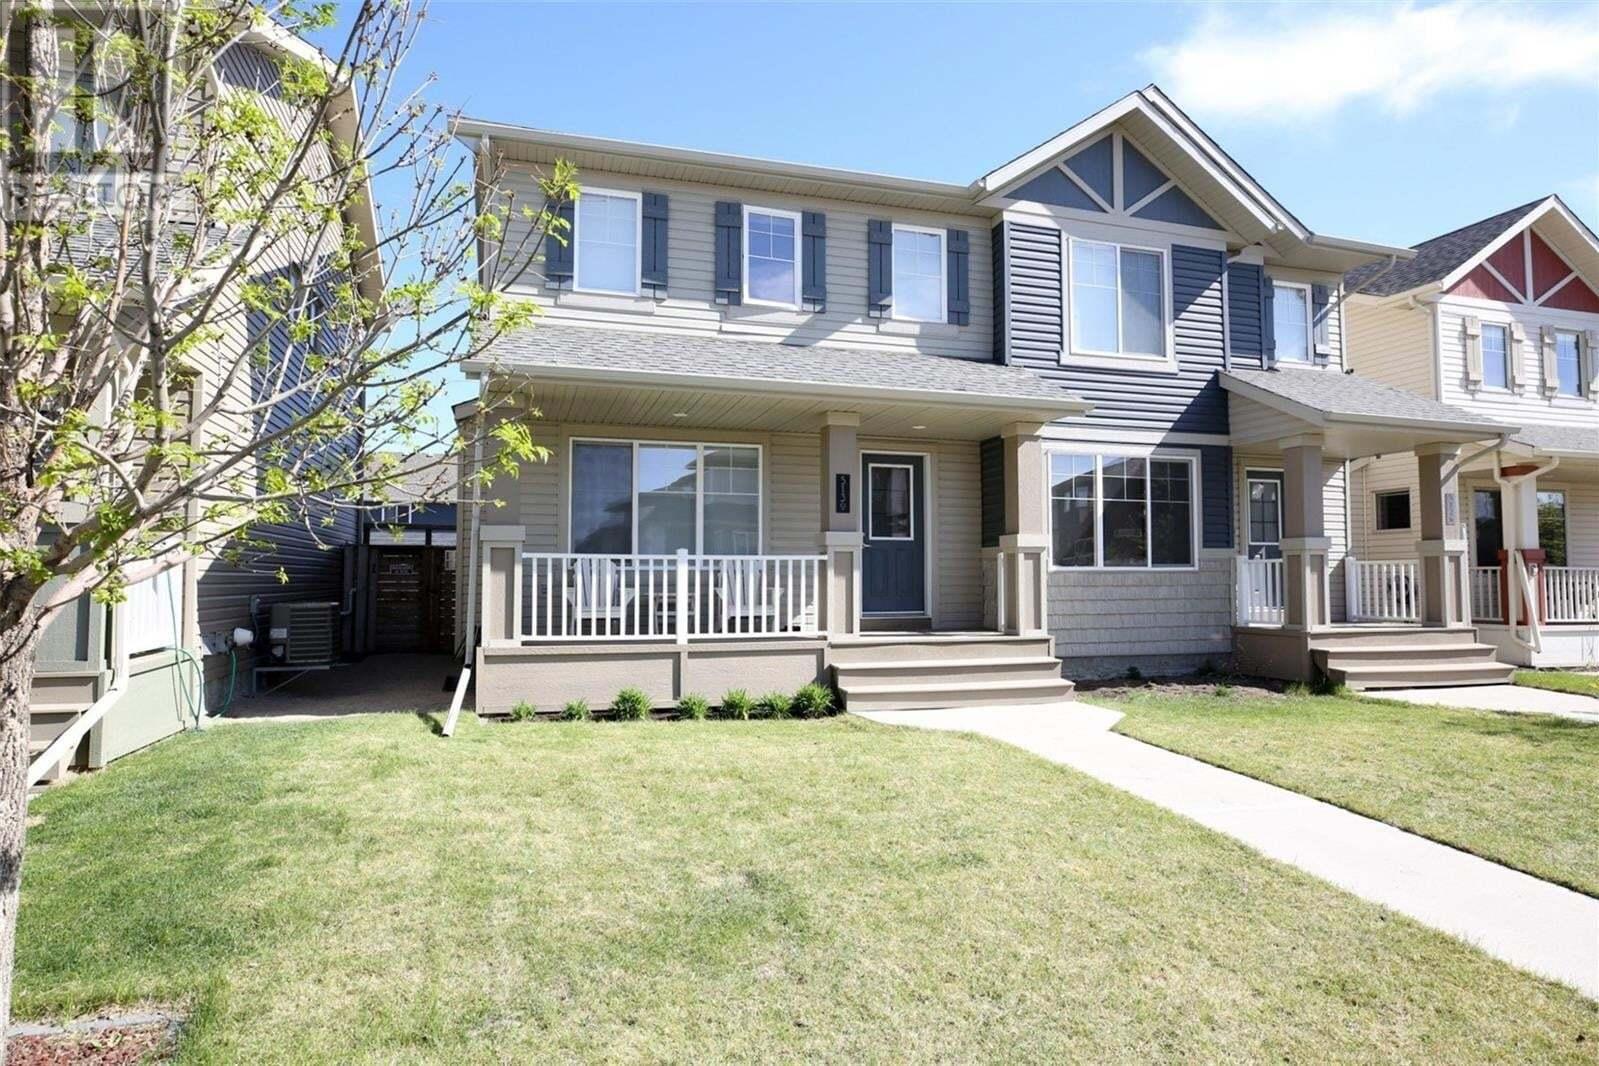 House for sale at 5130 Mitchinson Wy Regina Saskatchewan - MLS: SK809851